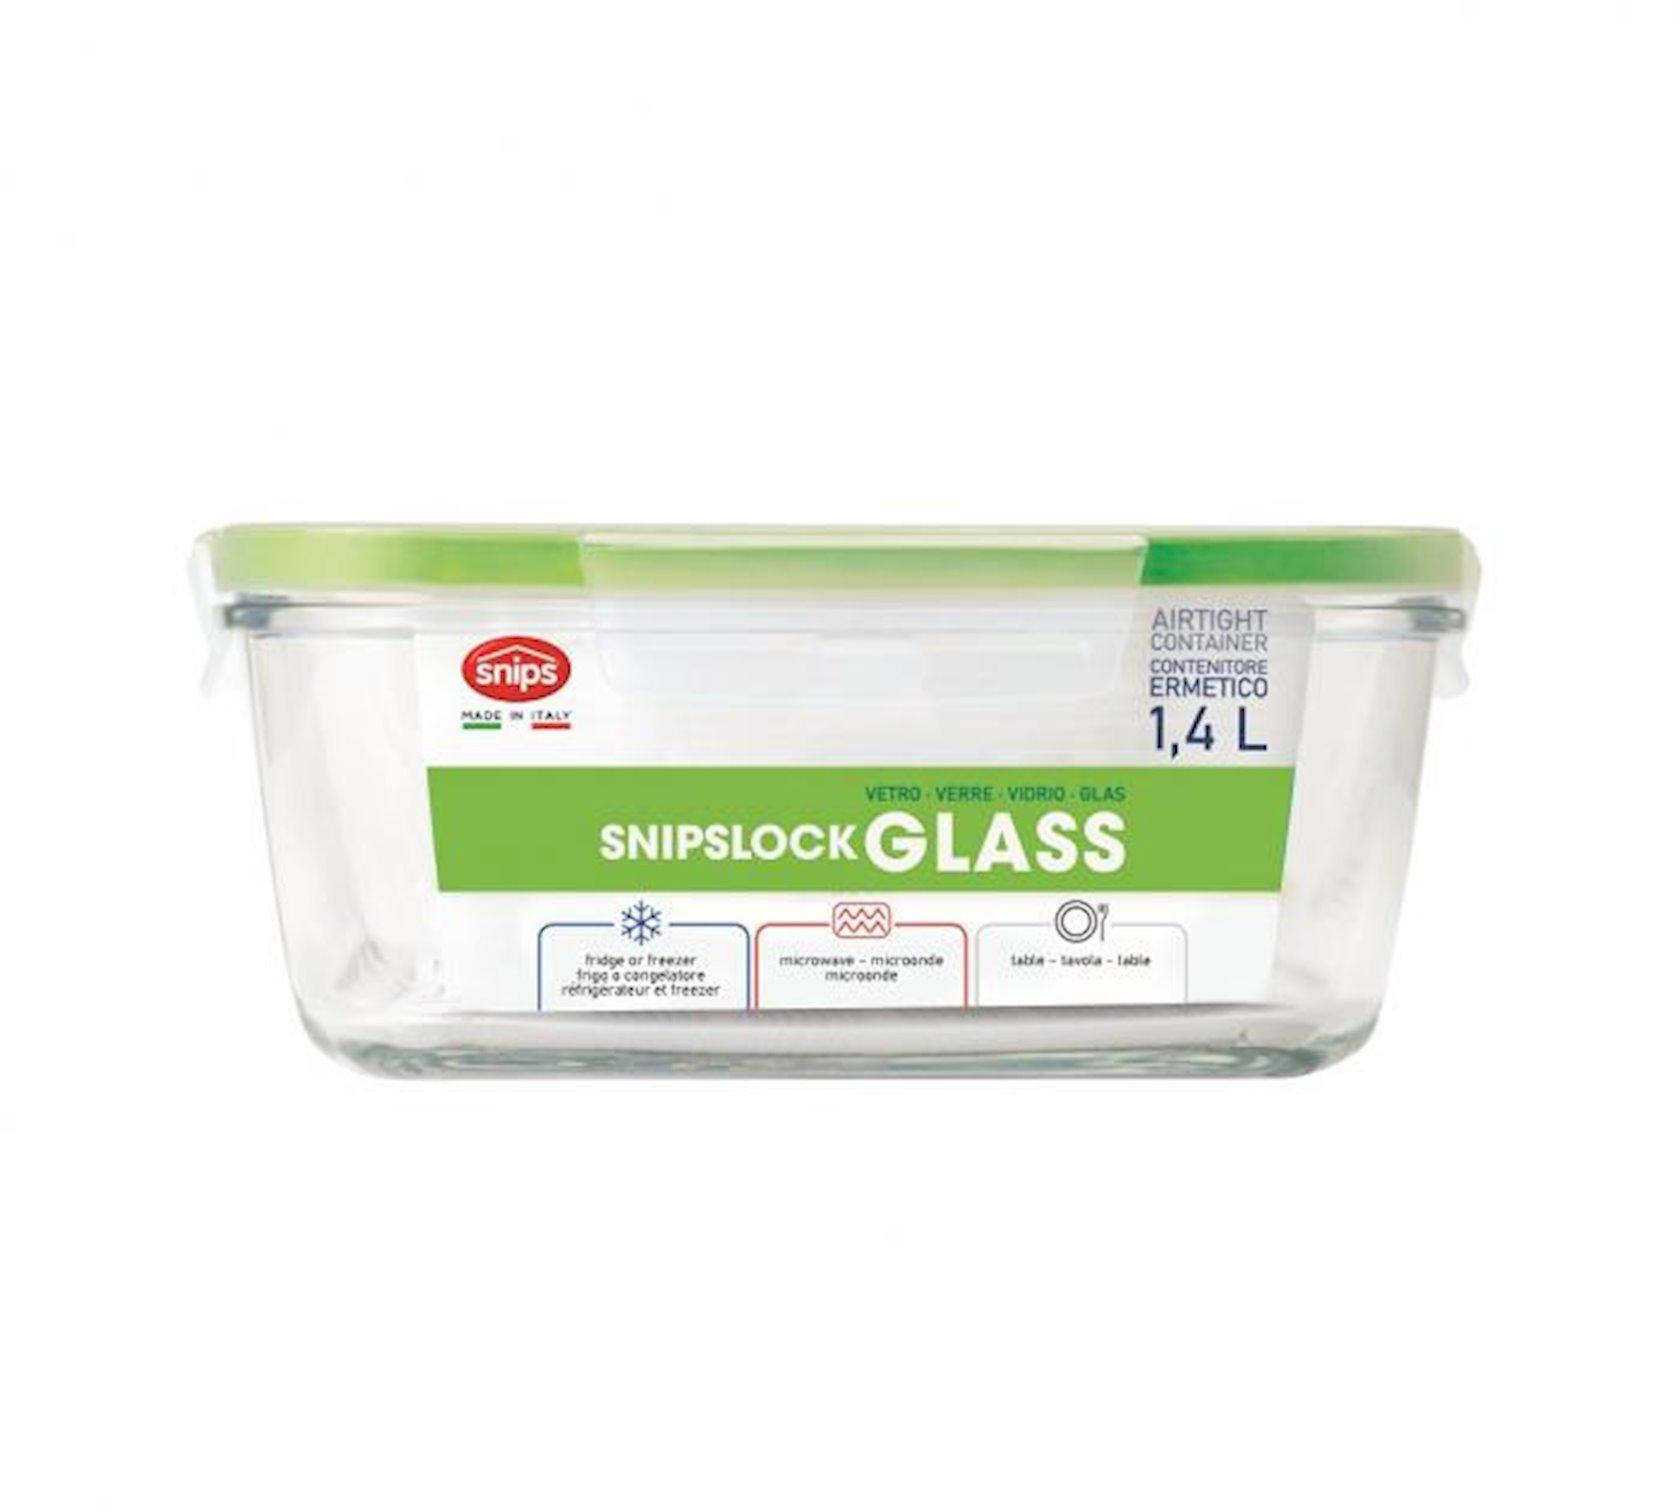 Saxlama qabı Snips SnipsLock Glass Decorated, 1.4 l, yaşıl, kvadrat